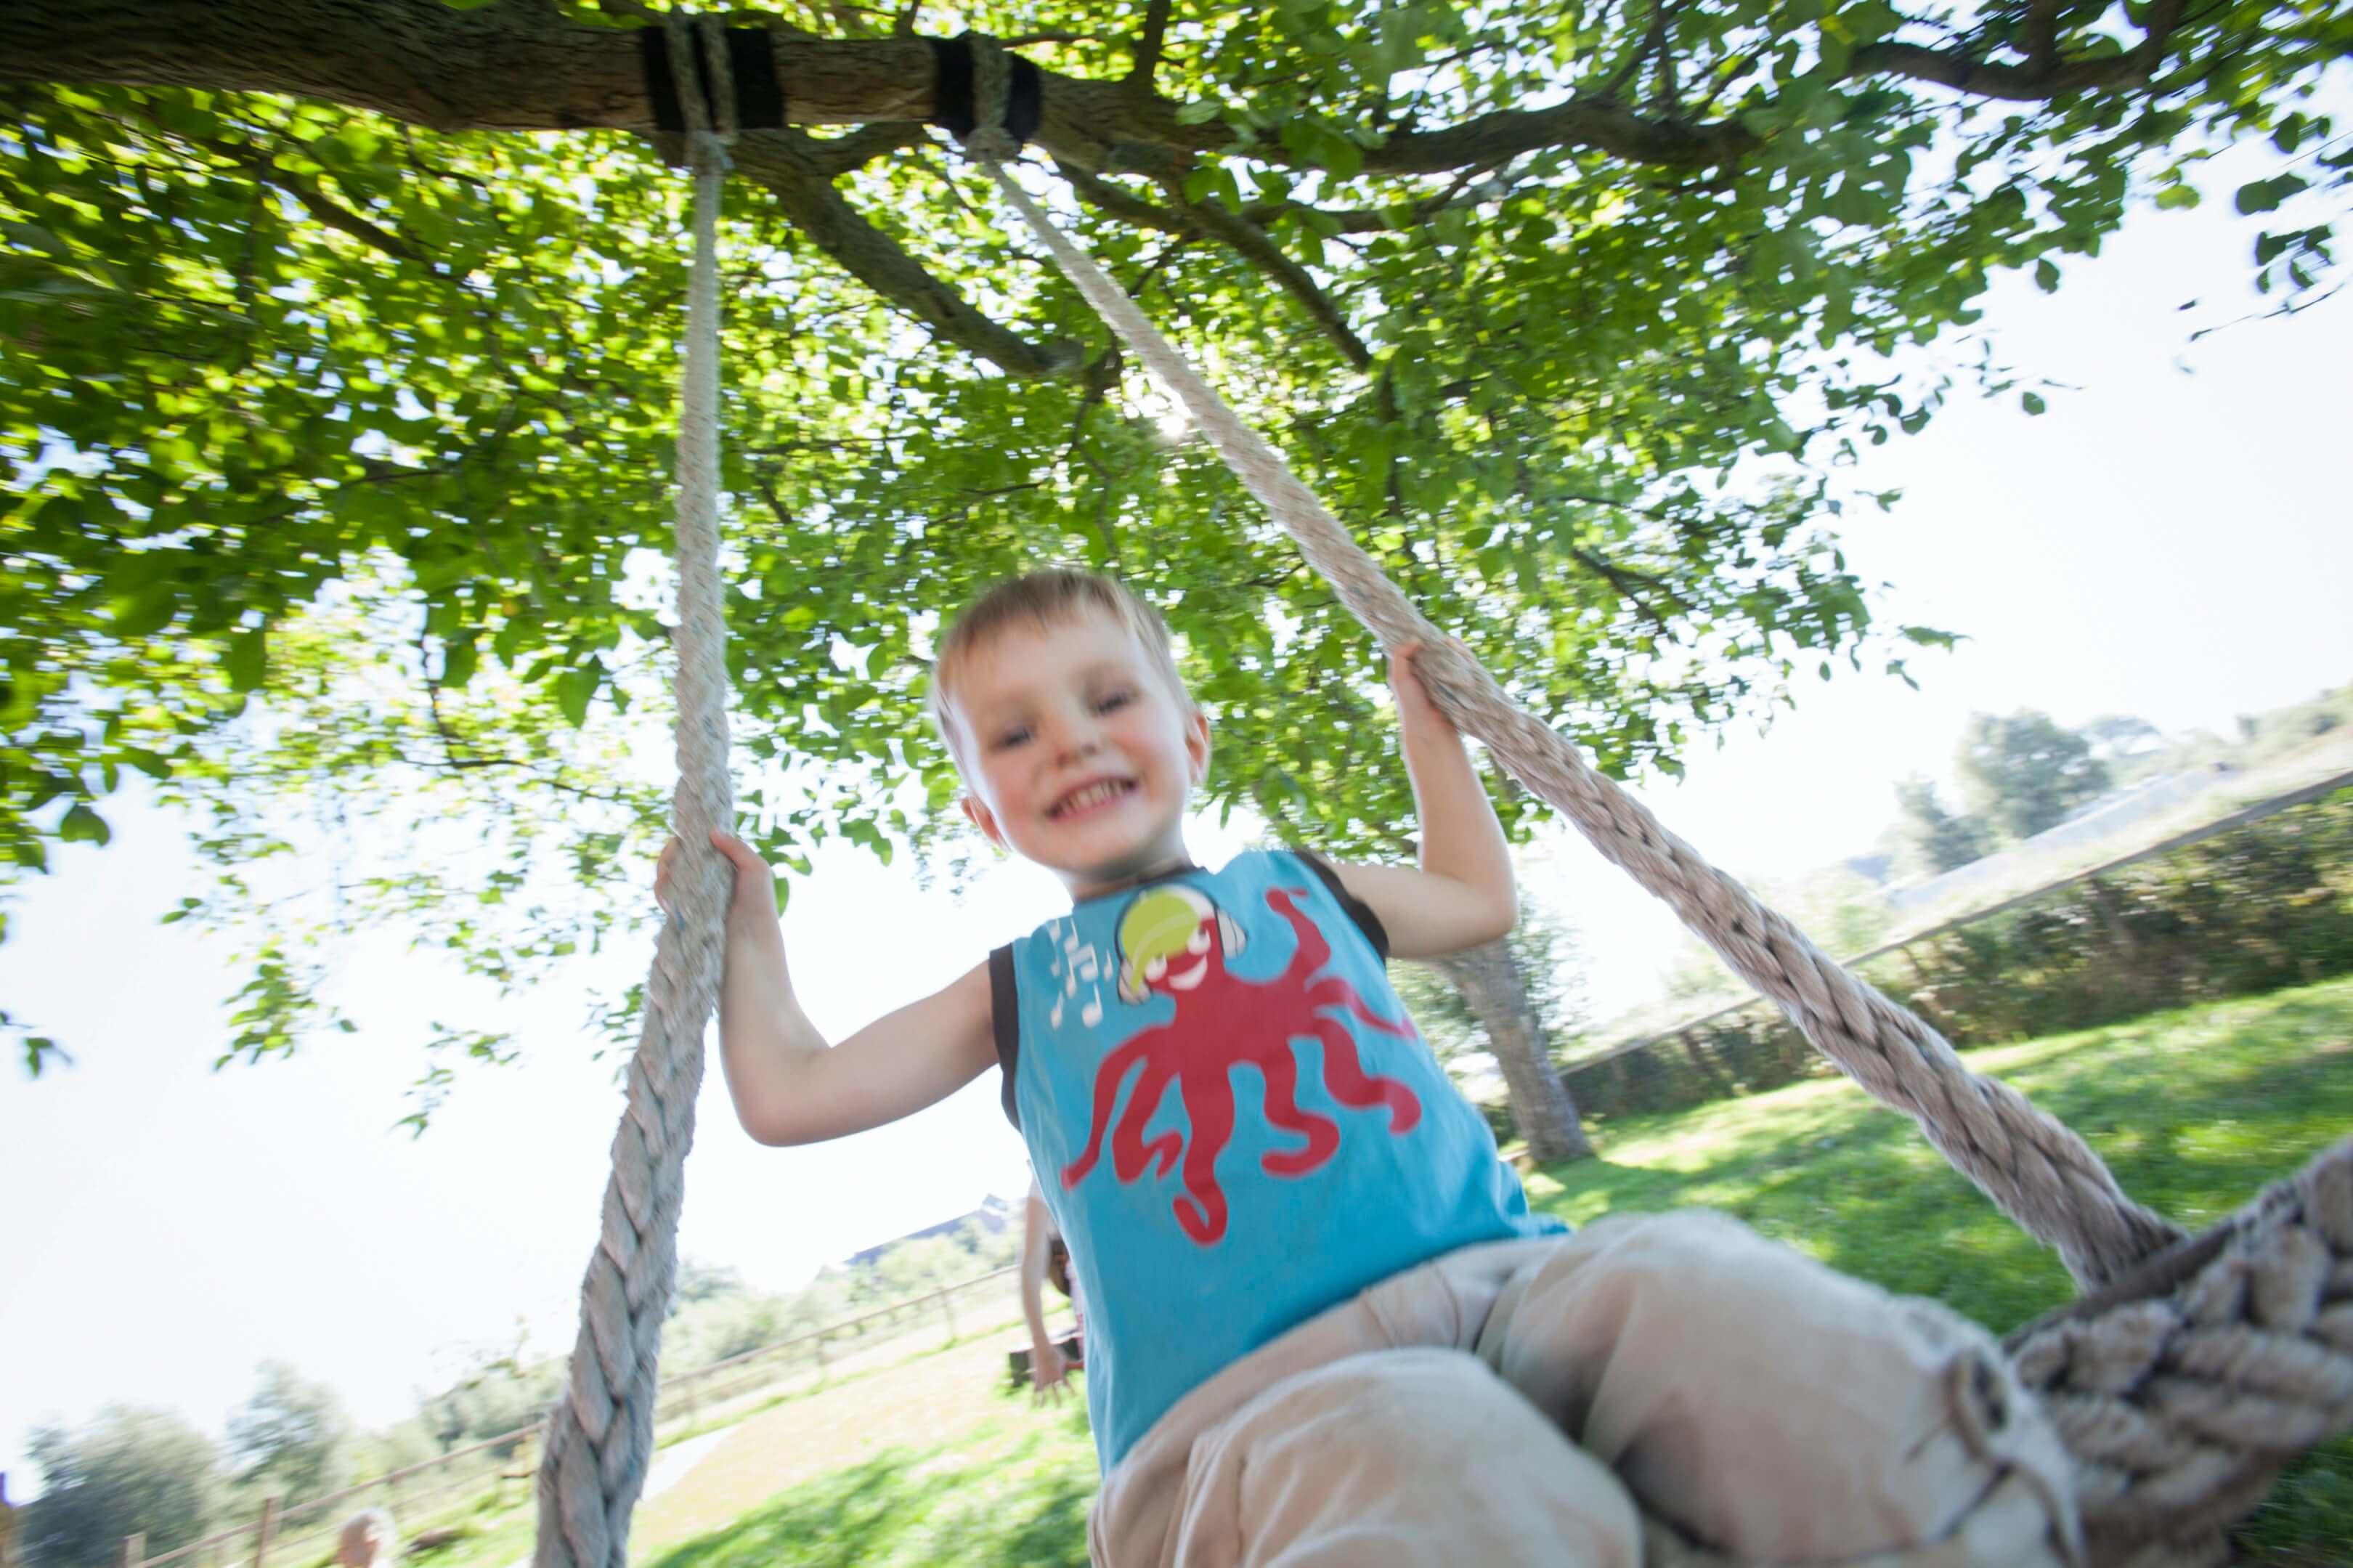 Saartje kind speelboerderij verwondering 2,5 jaar zomer water schommelen Jur Jurjen Poeles Fotografie reportage vrij werk vrijwerk